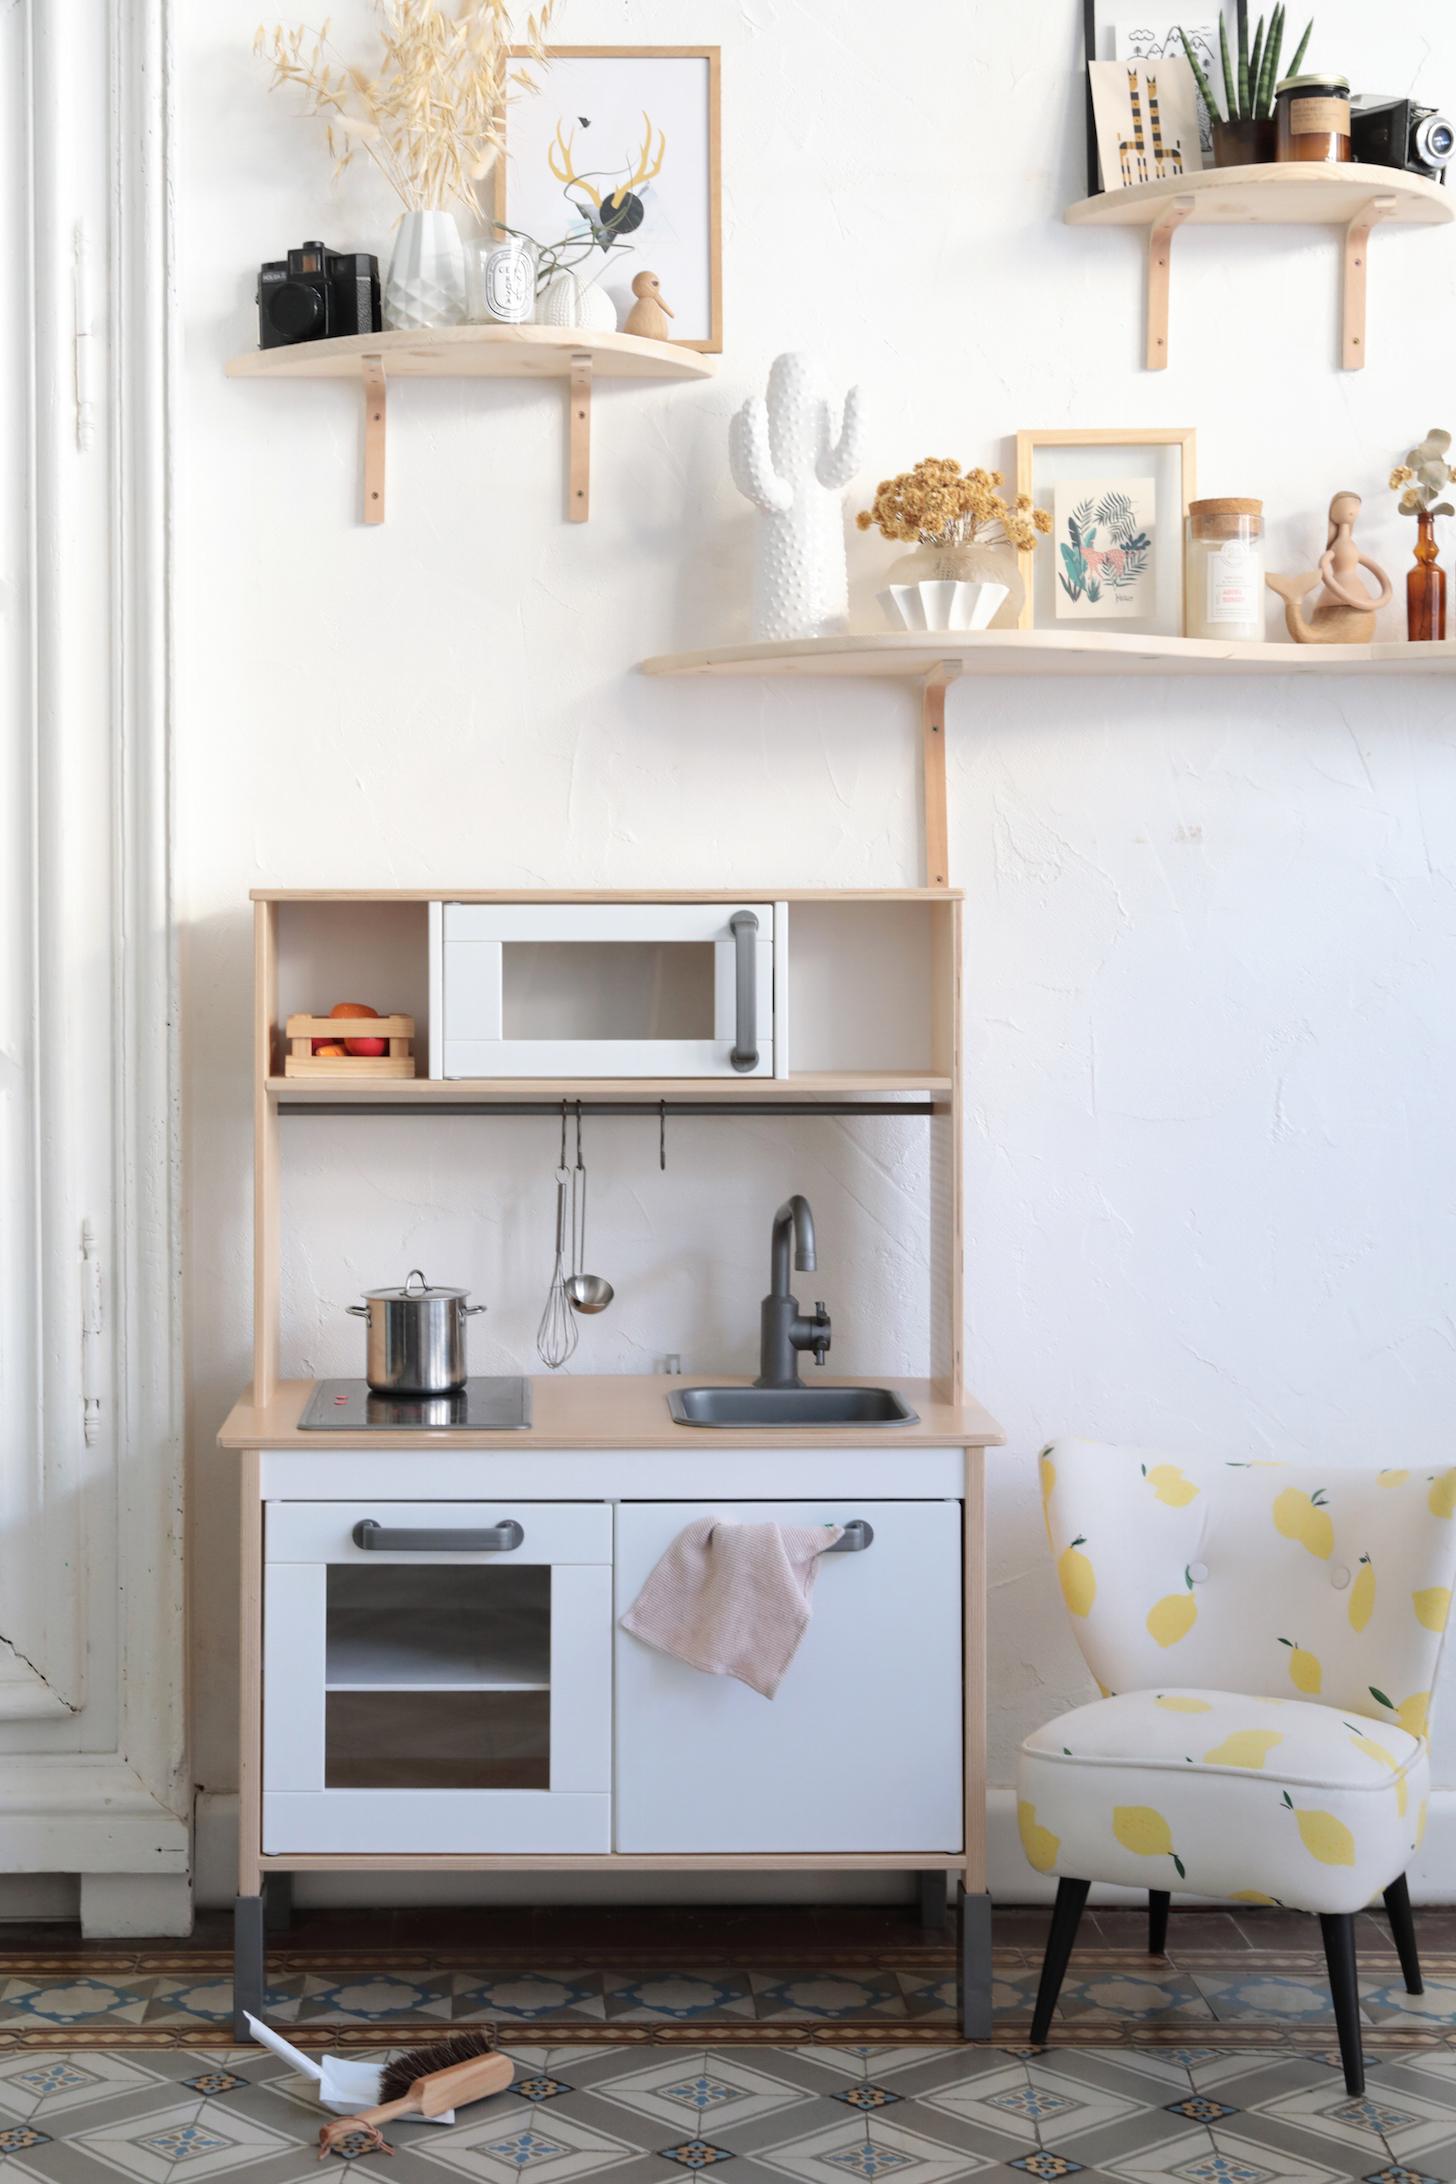 Ikea hack comment relooker la cuisine pour enfant duktig - Cuisine ikea ...